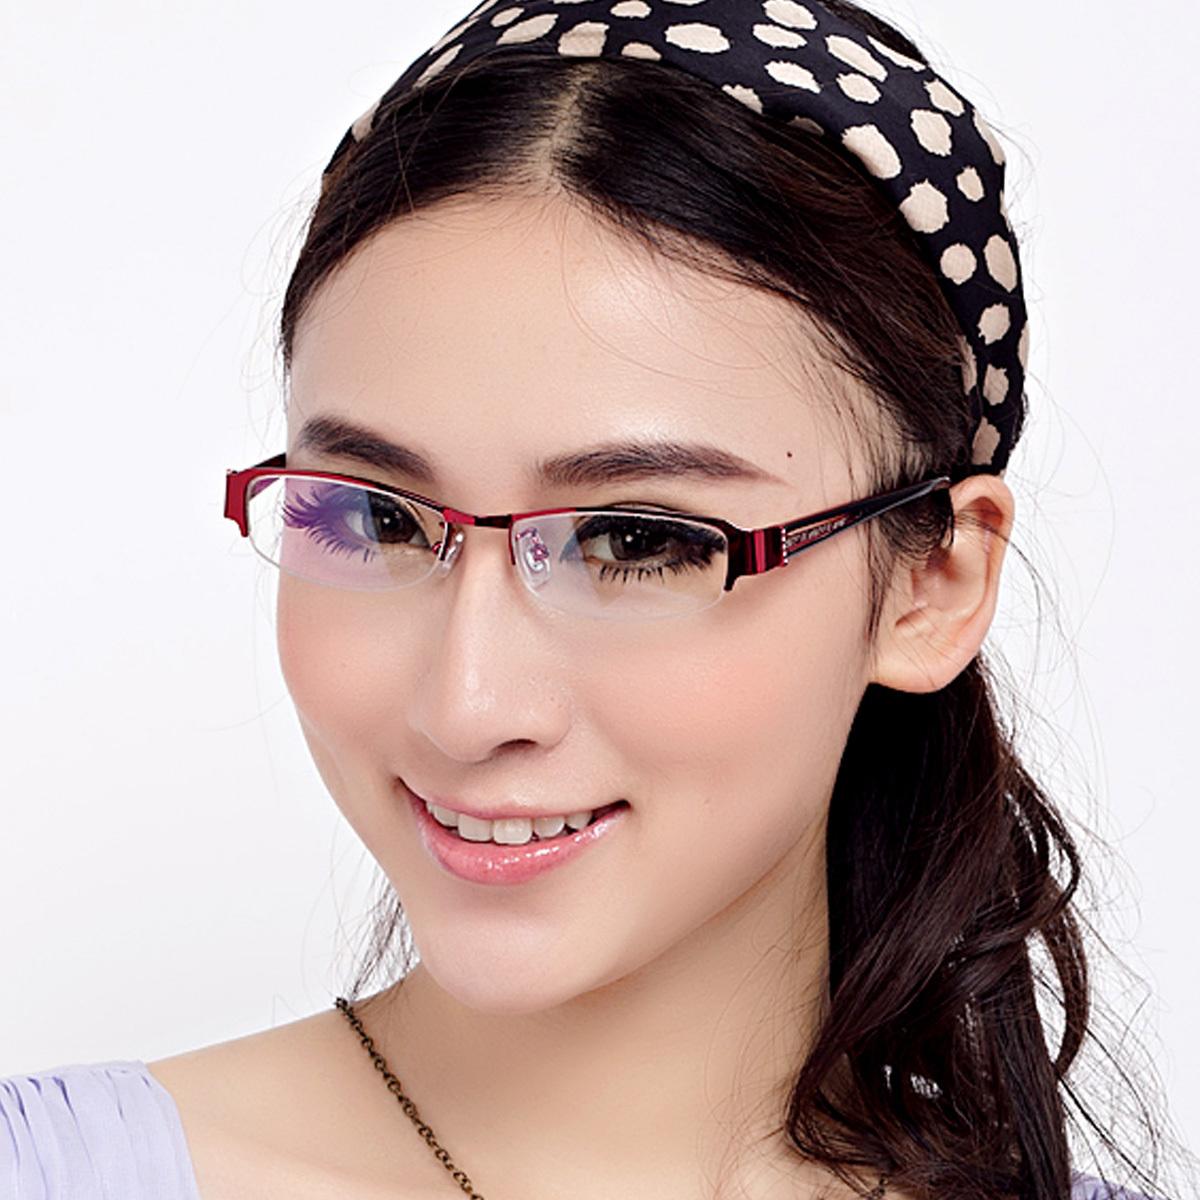 بالصور بنات كوريات كيوت بالنظارات , جمال اسيا والكوريات العسلات 5347 5